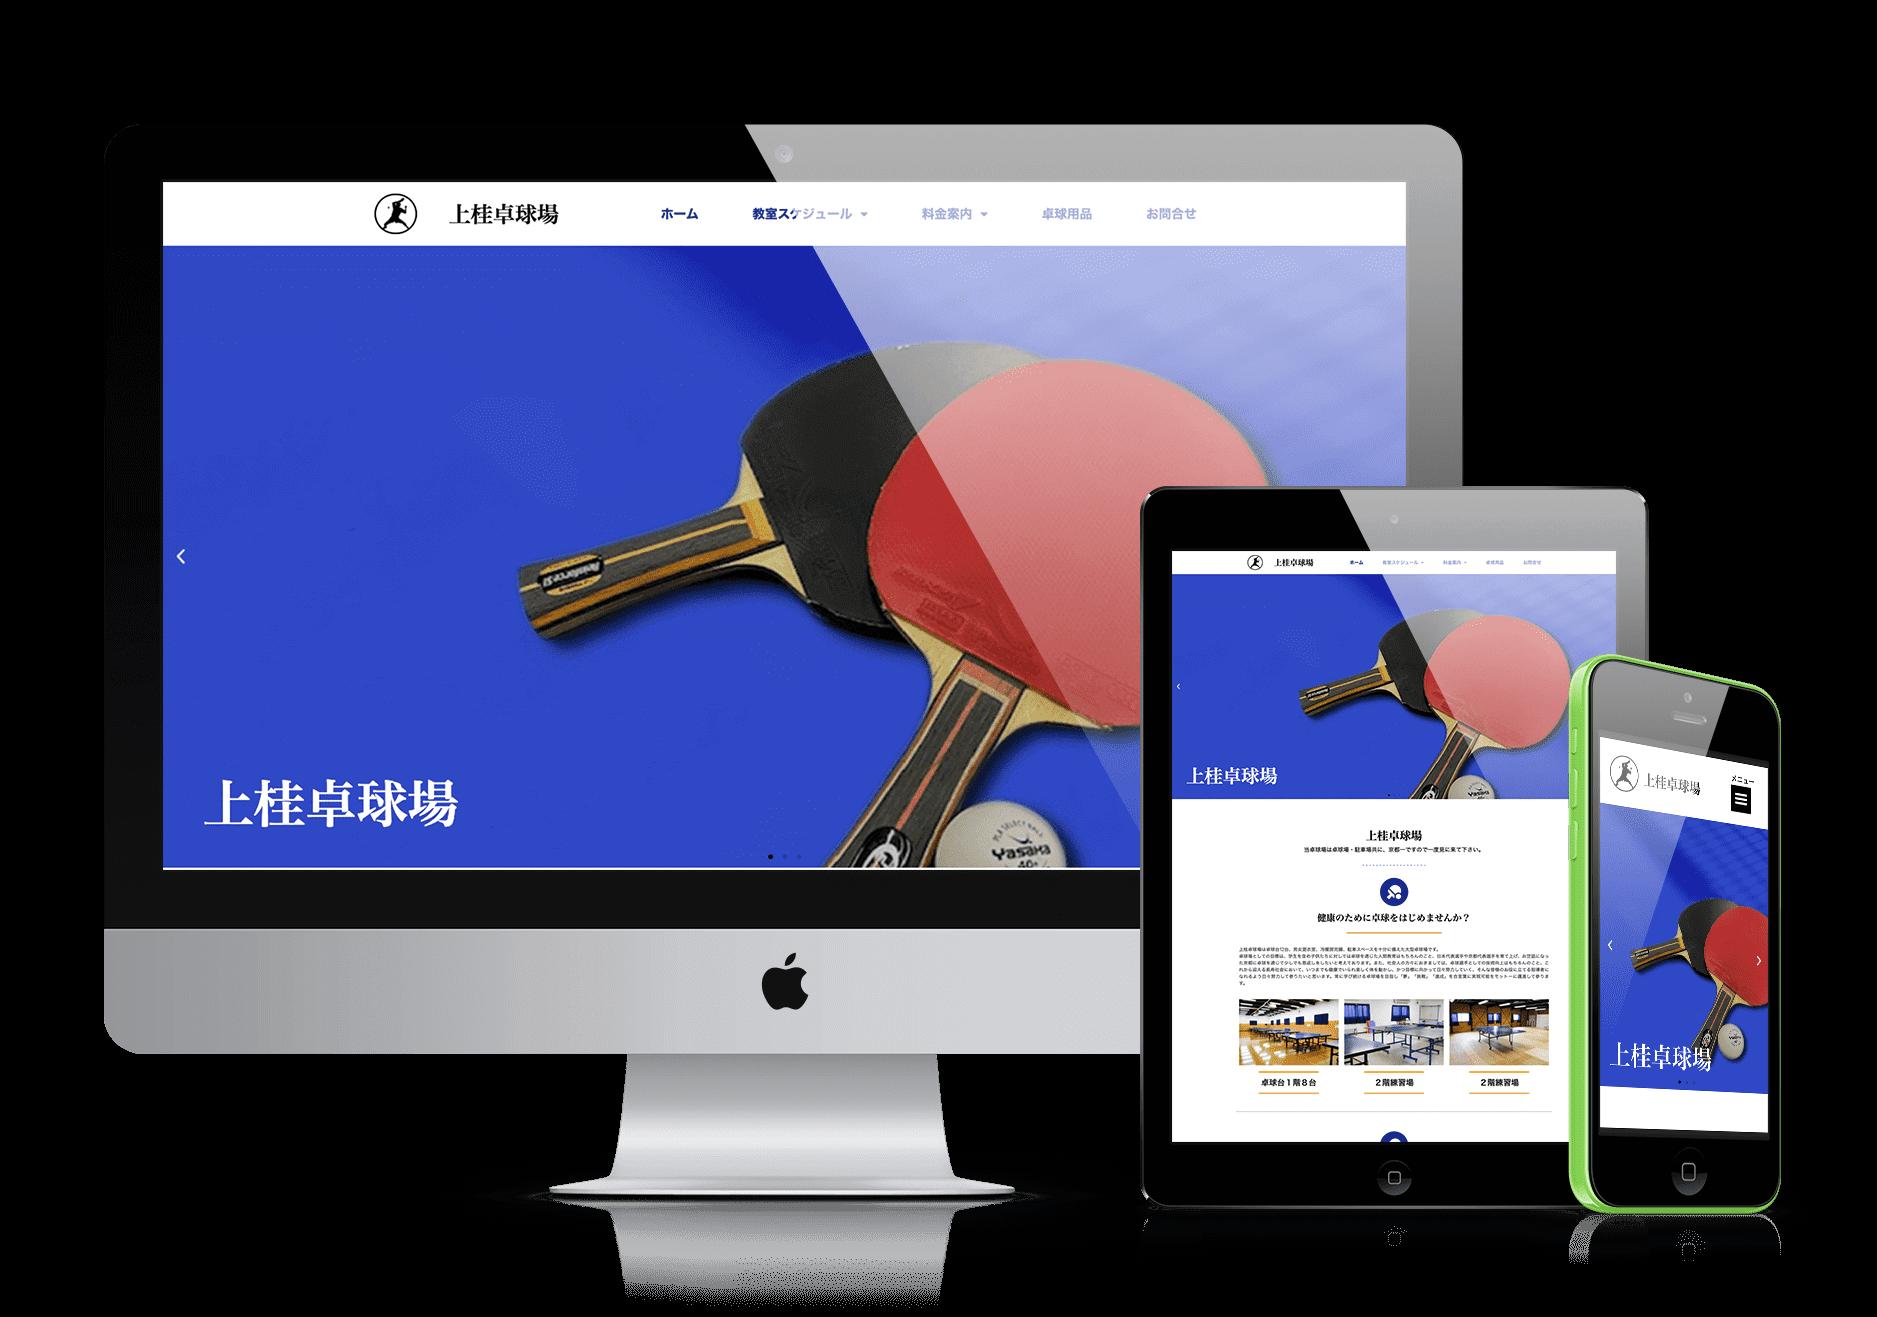 上桂卓球場ホームページ制作